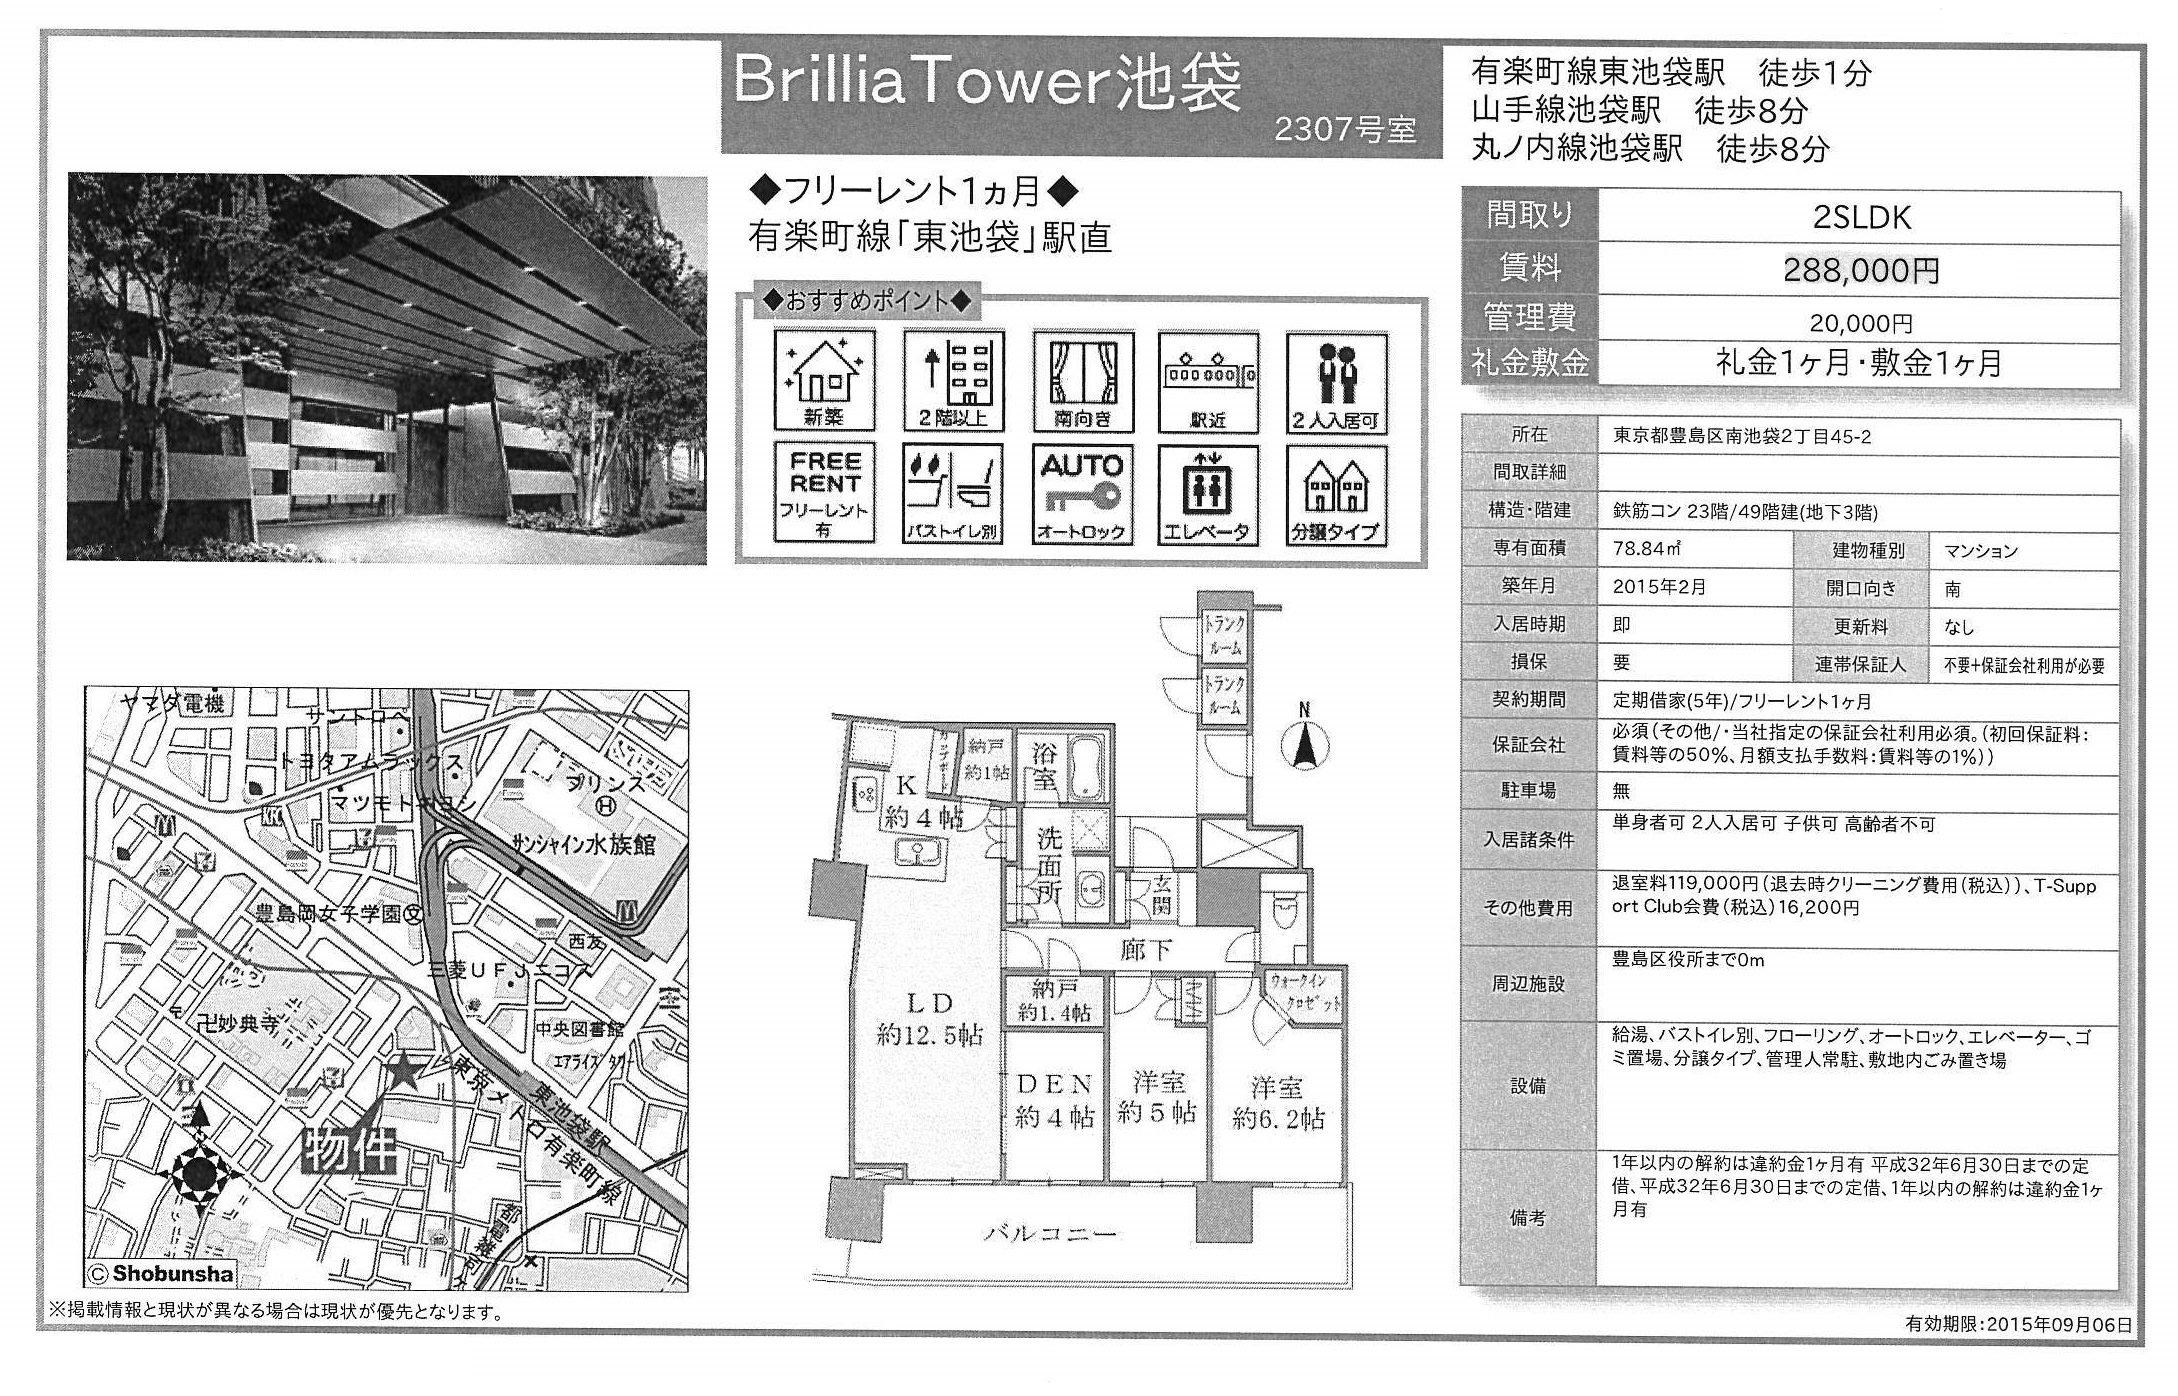 ブリリアタワー池袋図面2307号室